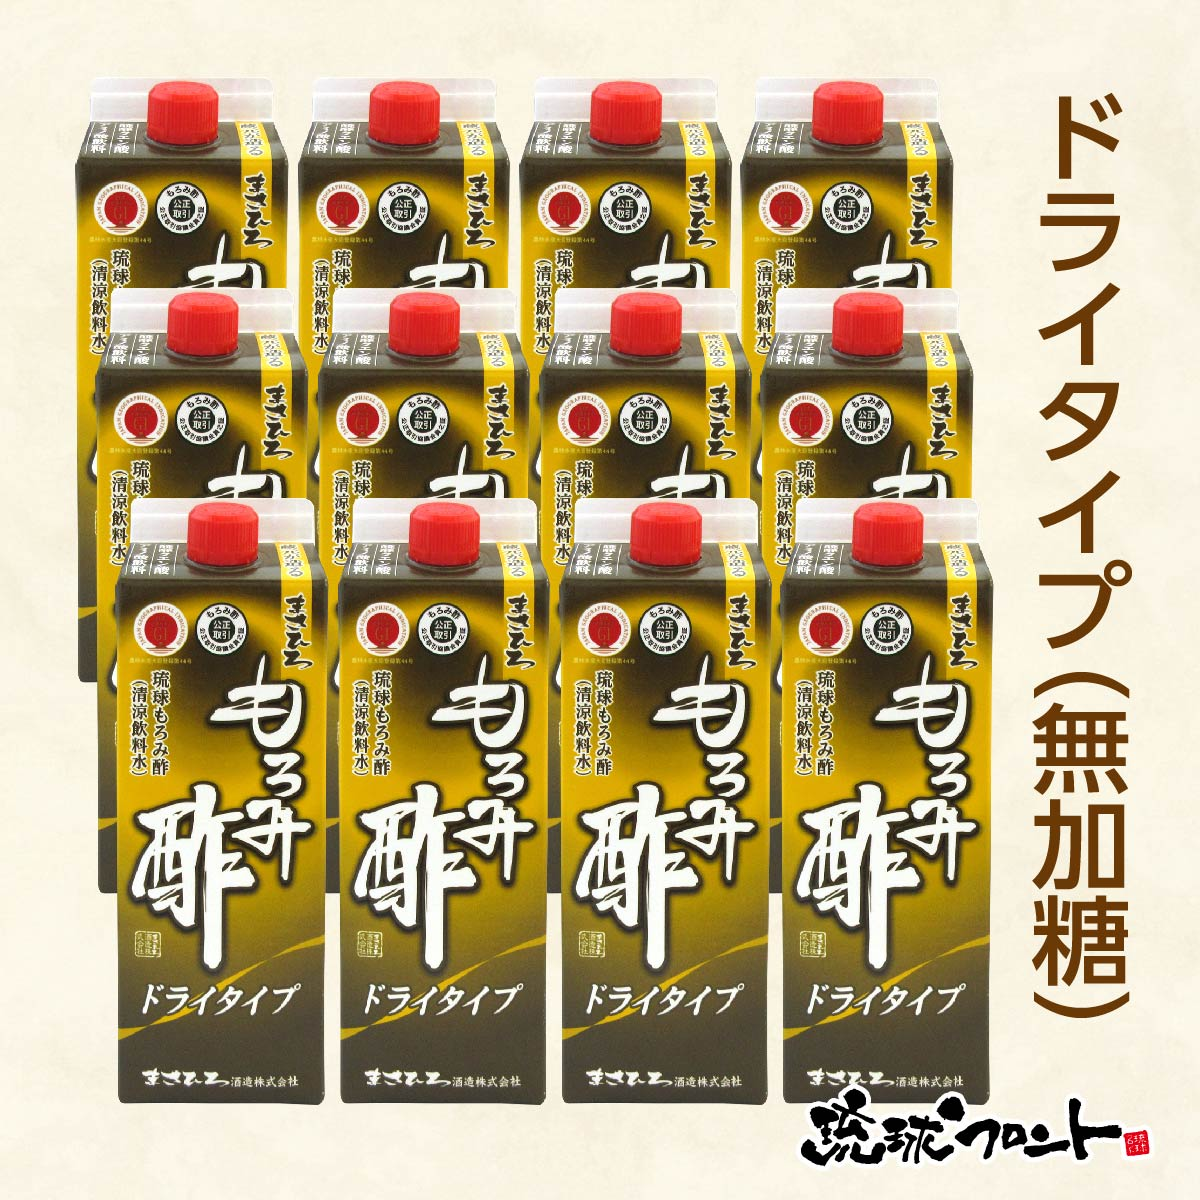 【送料無料】まさひろ もろみ酢 ドライタイプ(無加糖) 紙パック 900ml×12本セット